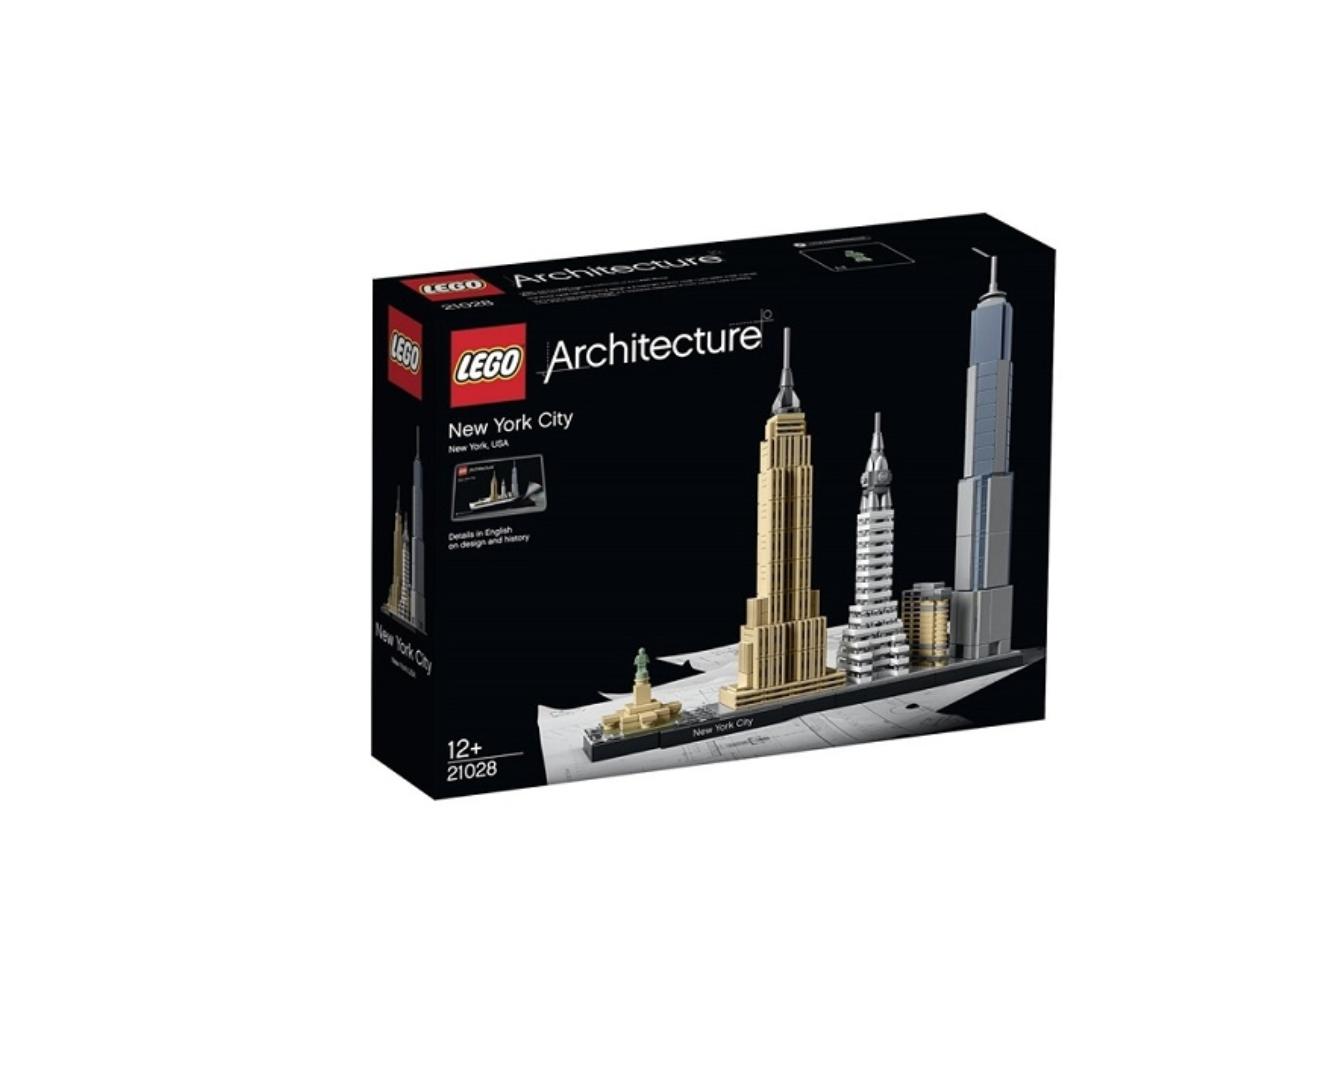 LEGO ARCHITECTURE NEW YORK USA 21028 JOUET JEU JEUX ITEM 6135672 CONSTRUCTION ENFANT NOEL NEUF 5702015591218 COMASOUND KARTEL